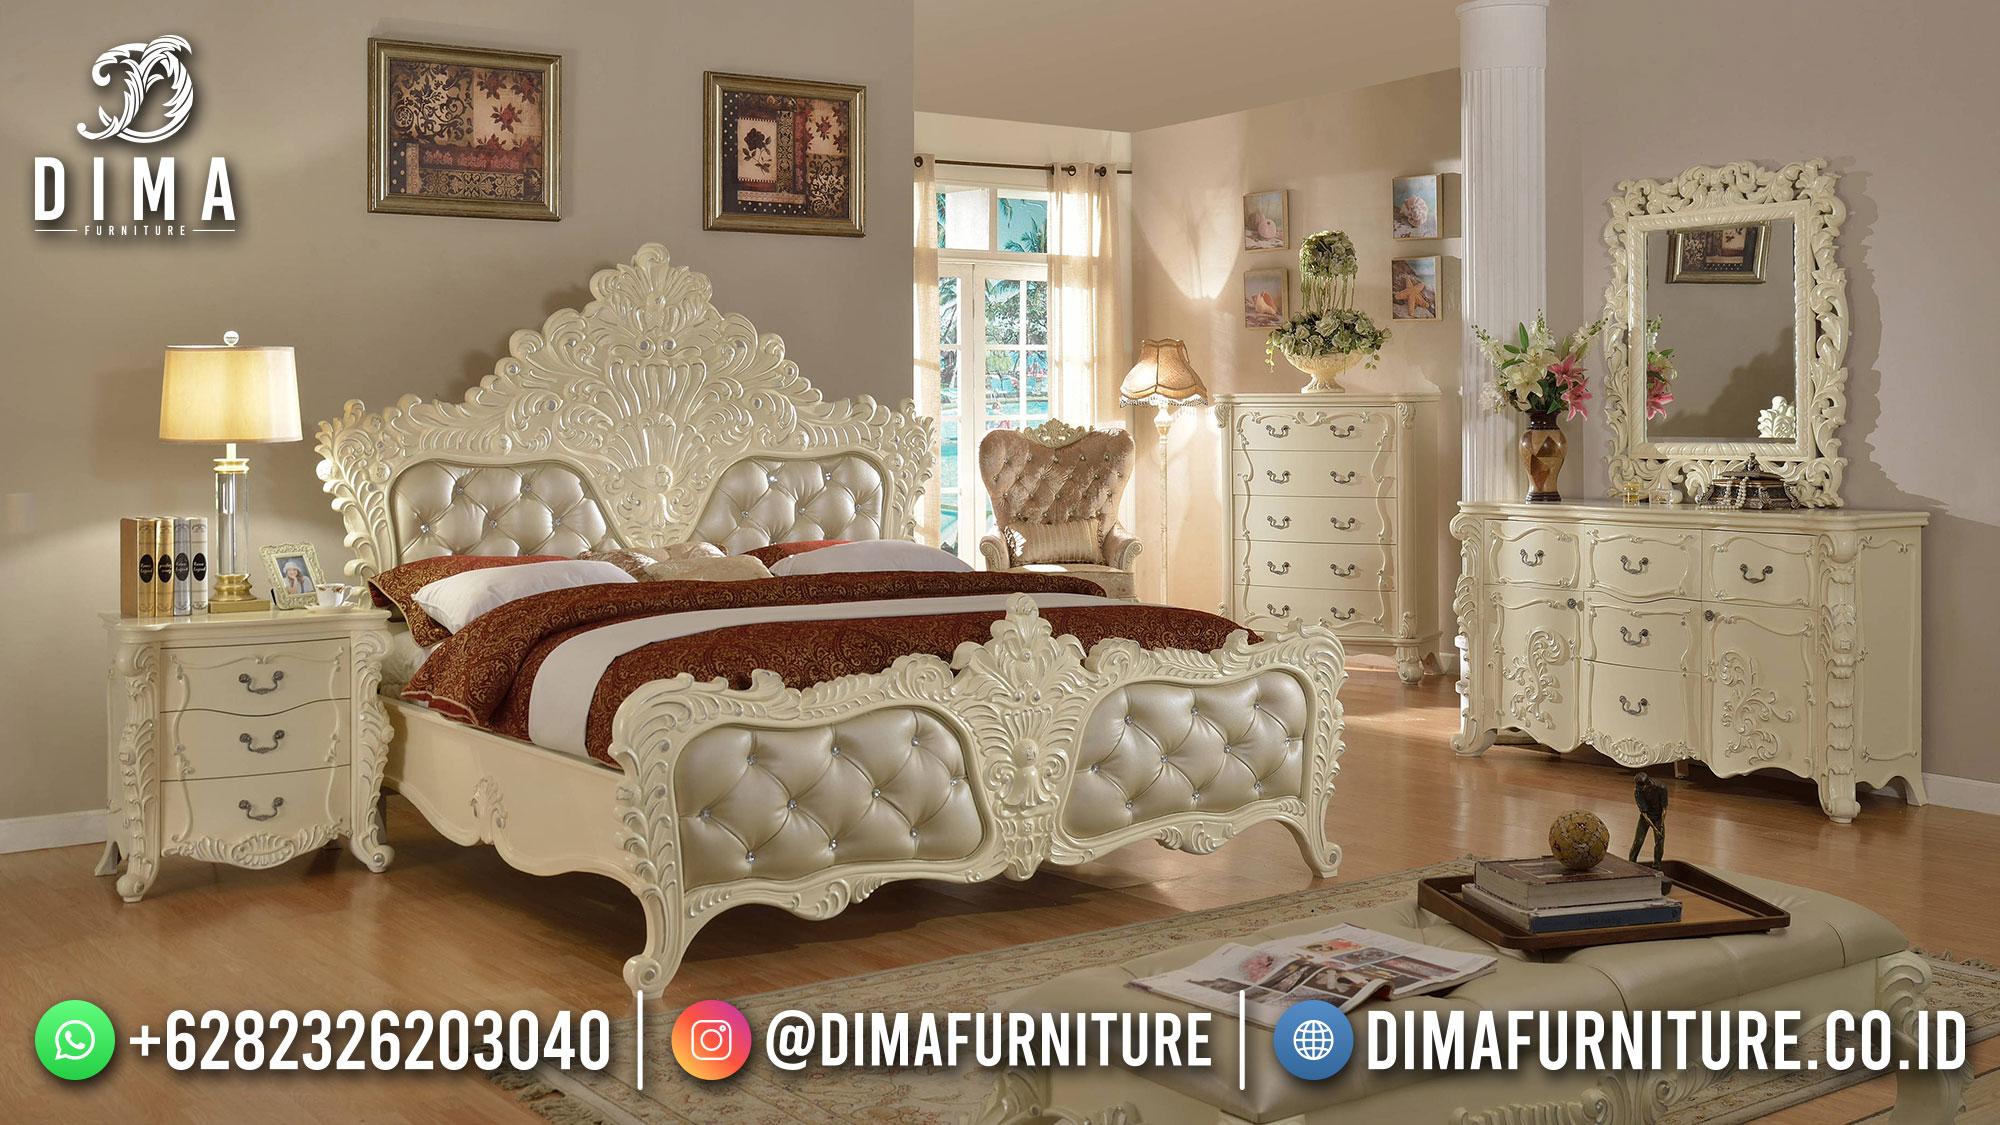 Tempat Tidur Mewah Classic Luxury Furniture Jepara Classic Elegant ST-1403